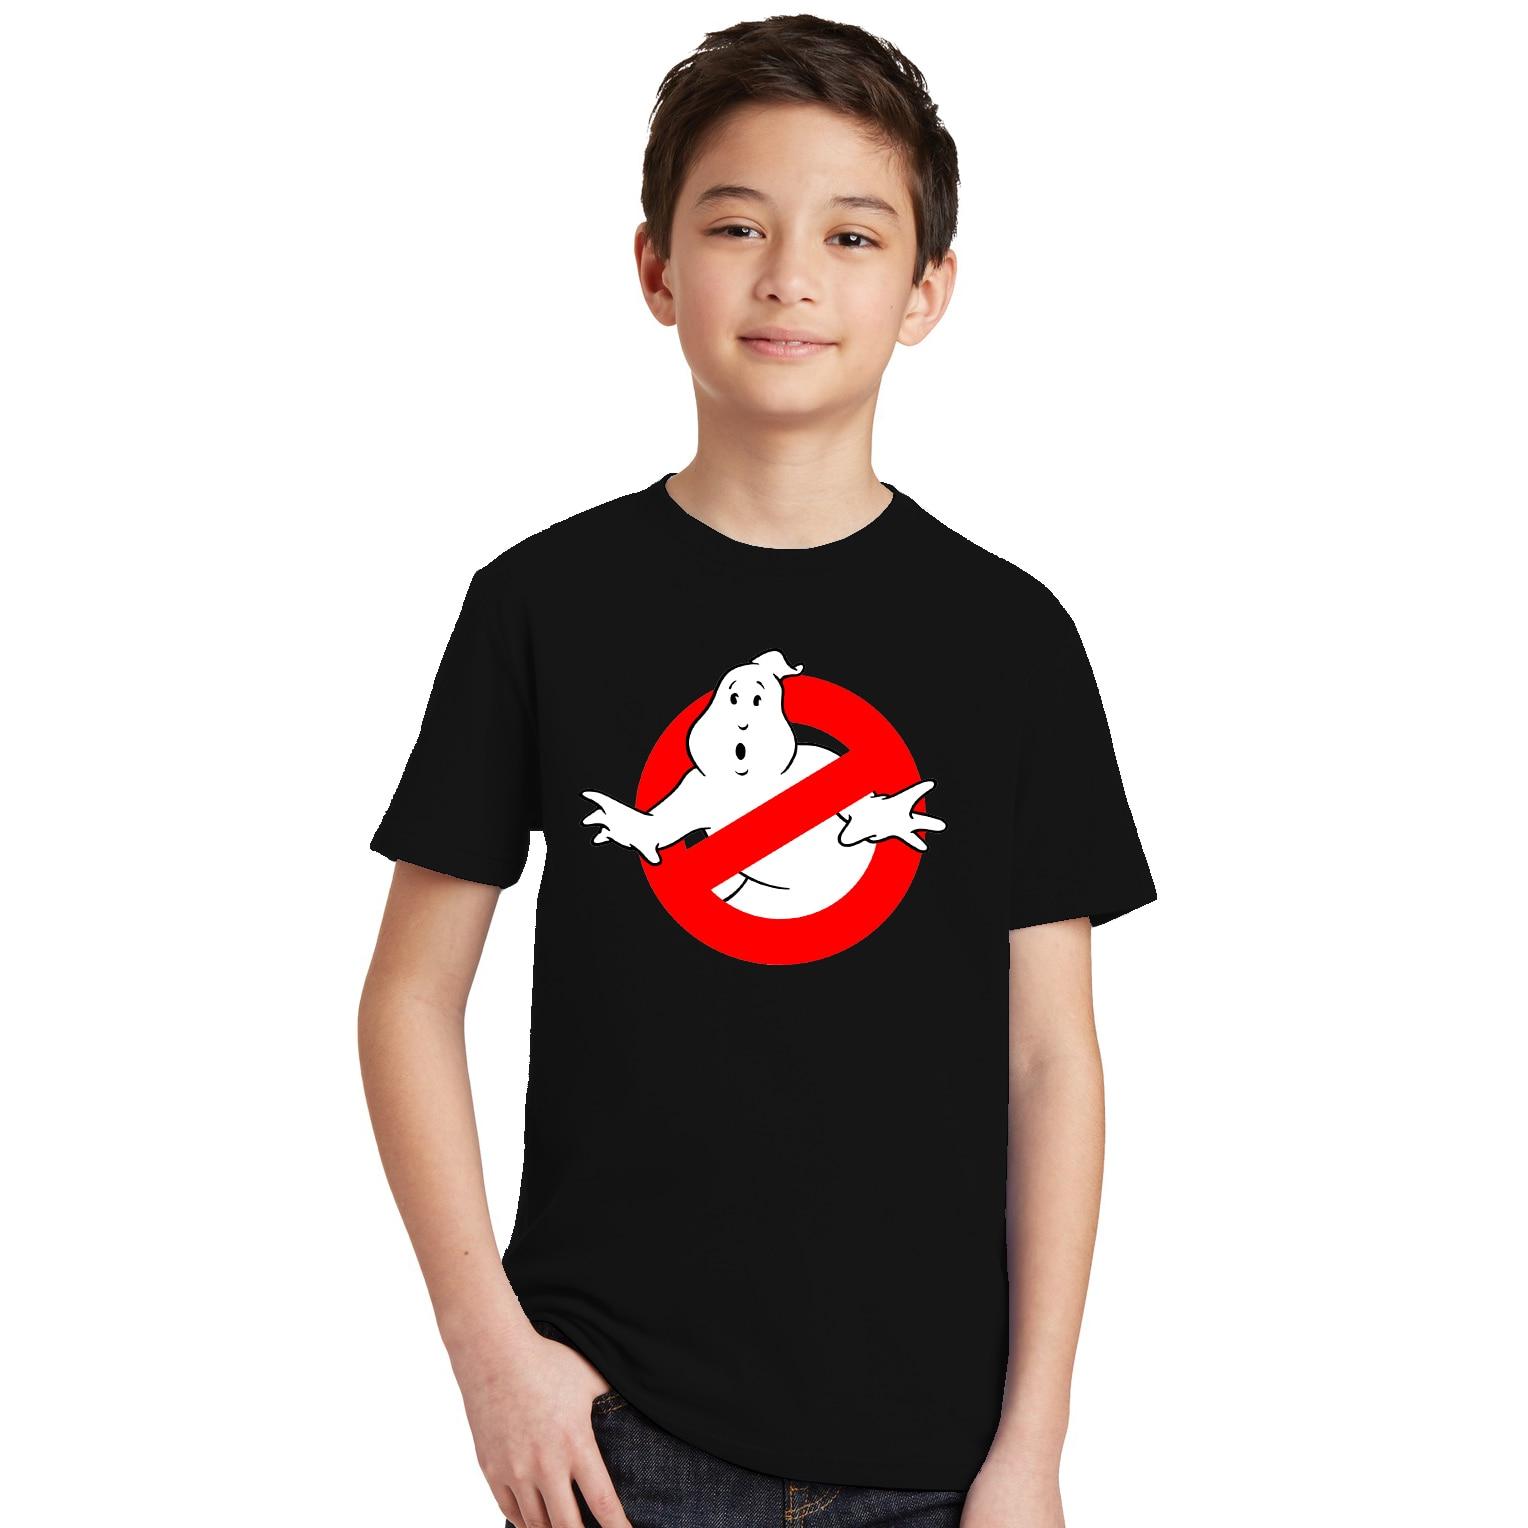 Honig 1-12 Jahre Kinder T-shirt Ghostbusters Film Kinder T-shirt Kurzarm Lustige T Shirts Ghost Busters Kleinkind Baby T Hemd 44p3 Einfach Zu Verwenden